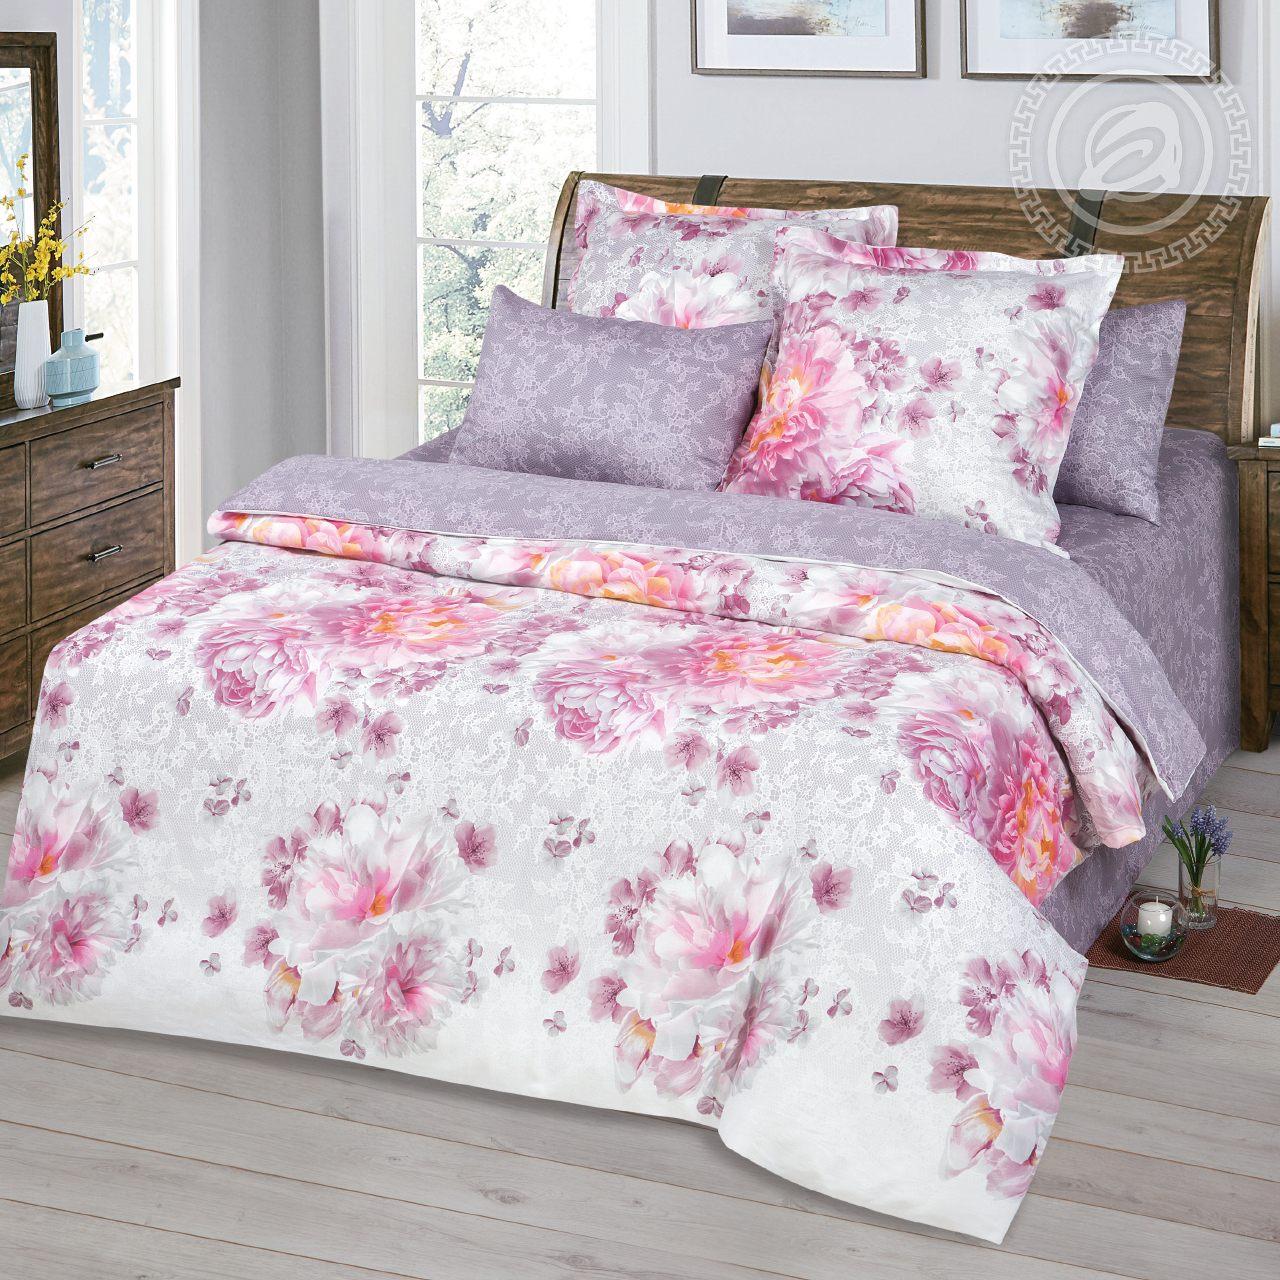 Постельное белье iv60800 (сатин) (1,5 спальный) постельное белье пузыри сатин 1 5 спальный